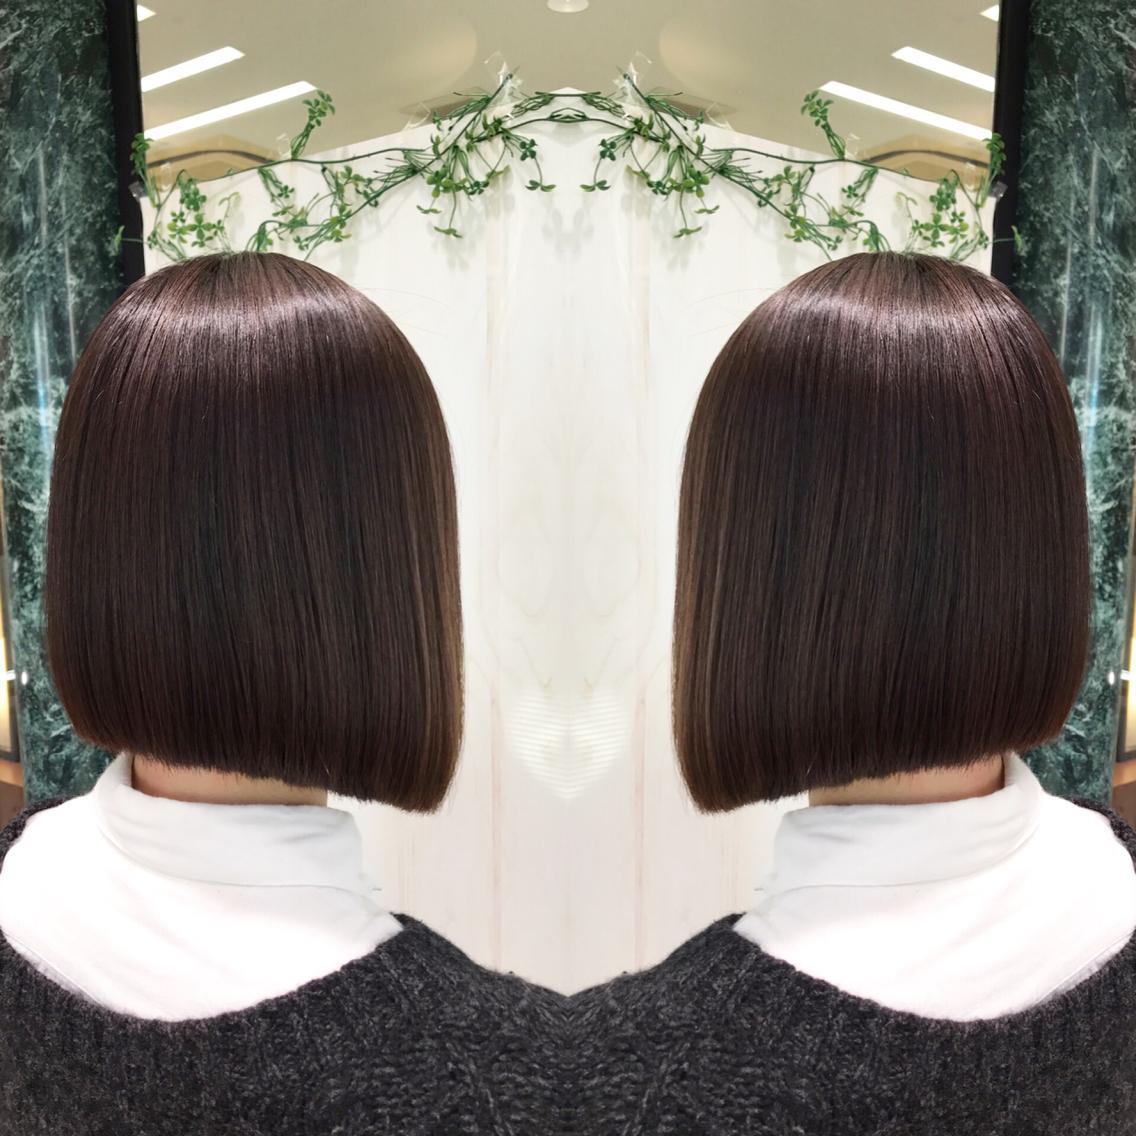 #ミディアム #パーマ プレミアム縮毛強制でサラツヤ朝も楽チンな髪質へ…💇✨